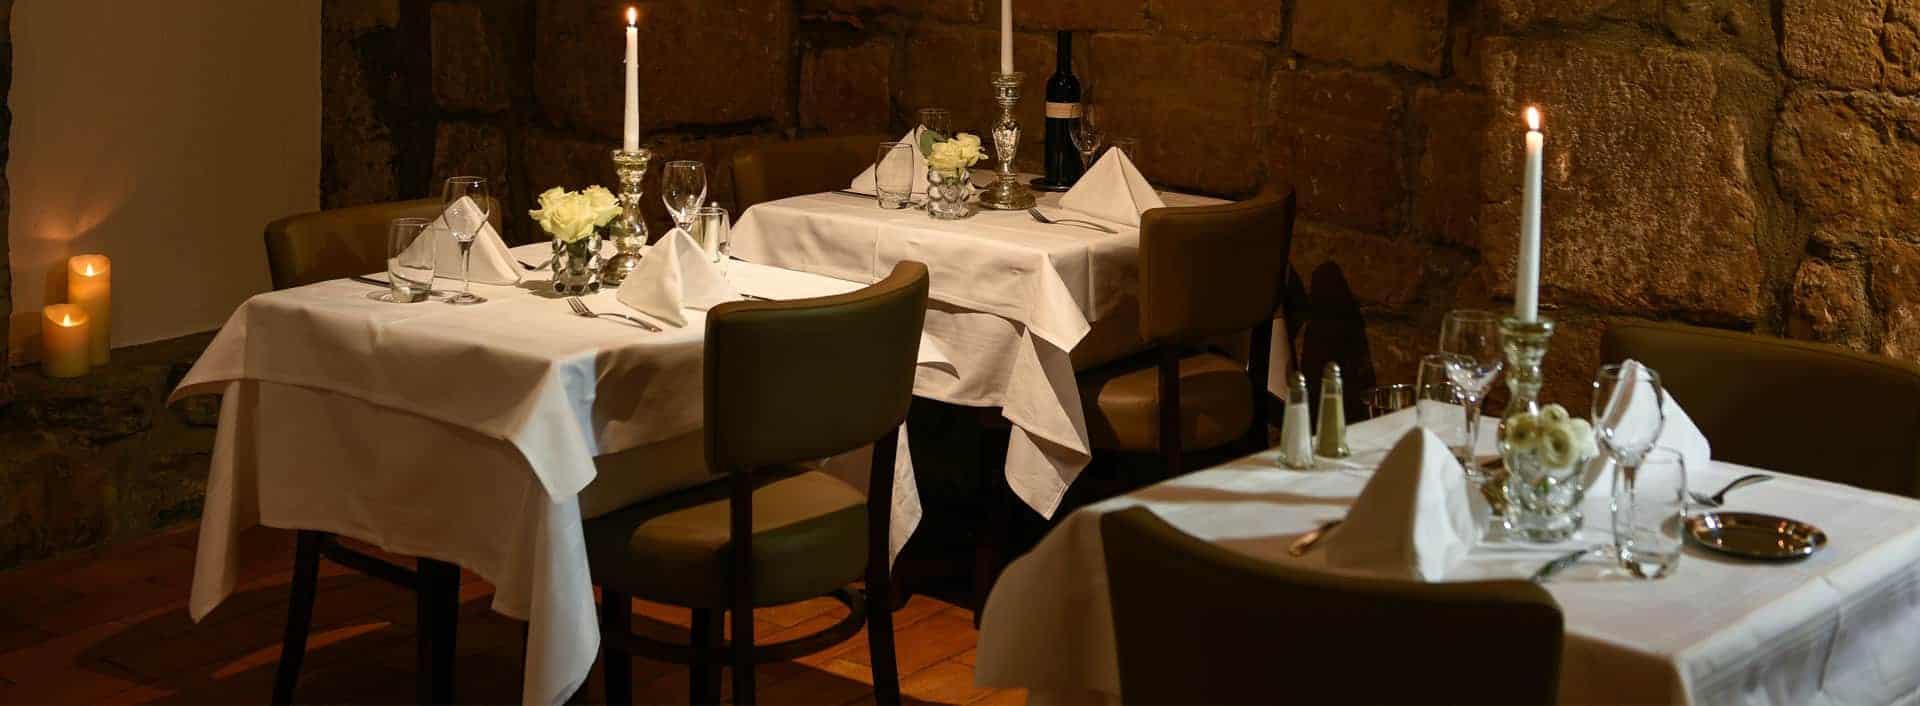 Réservez votre table au restaurant l'auberge a Chambesy